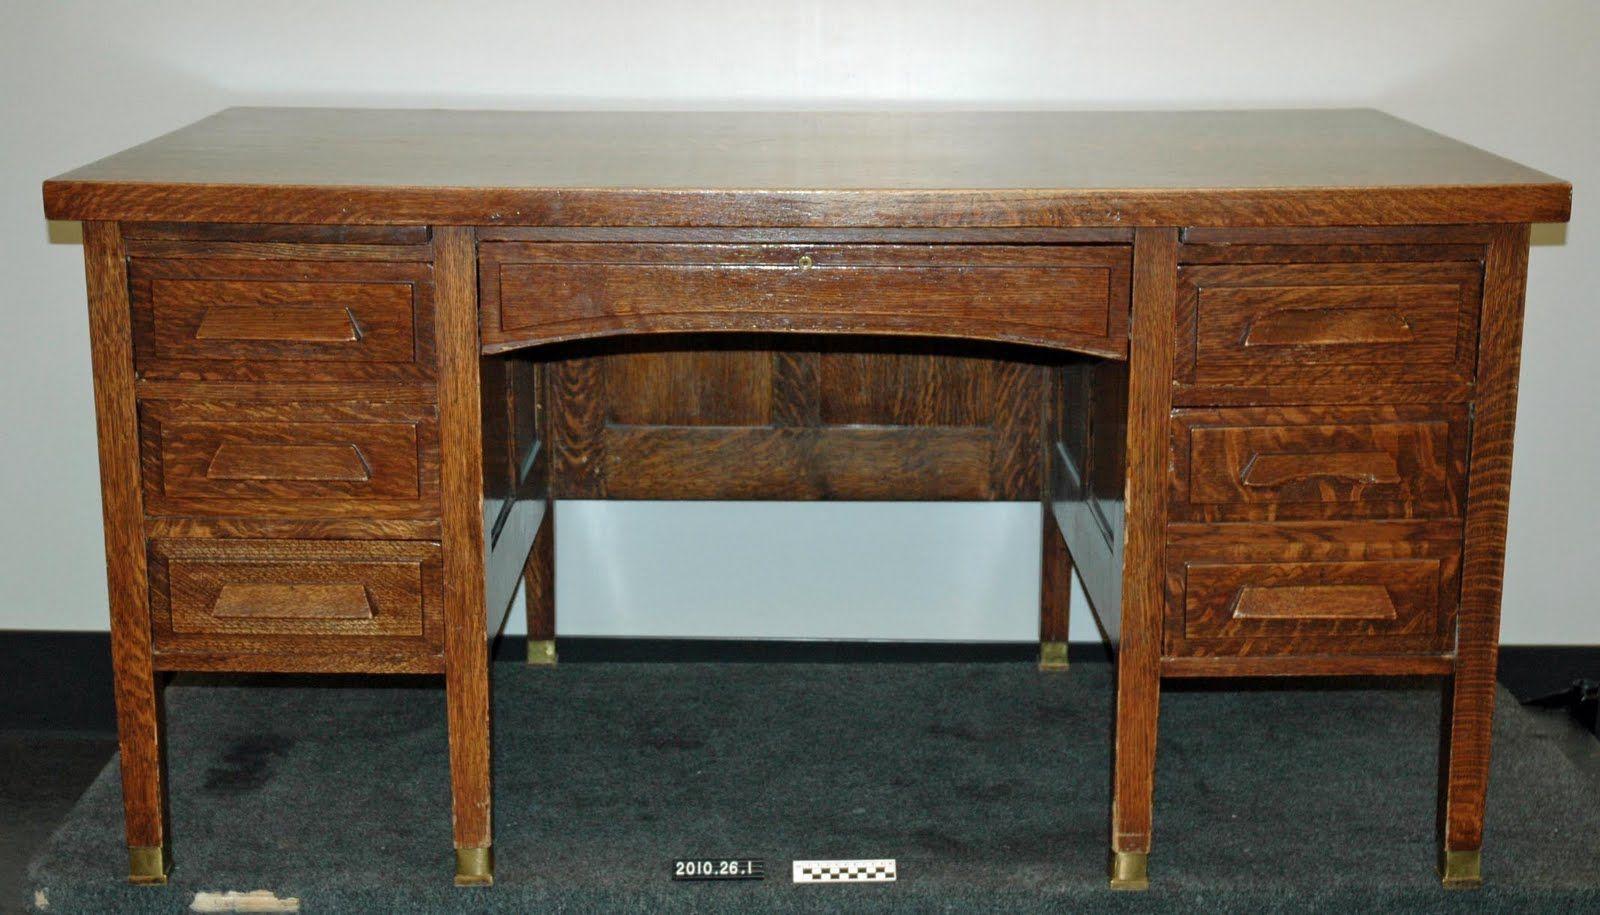 My antique oak teachers desk is going in bedroom